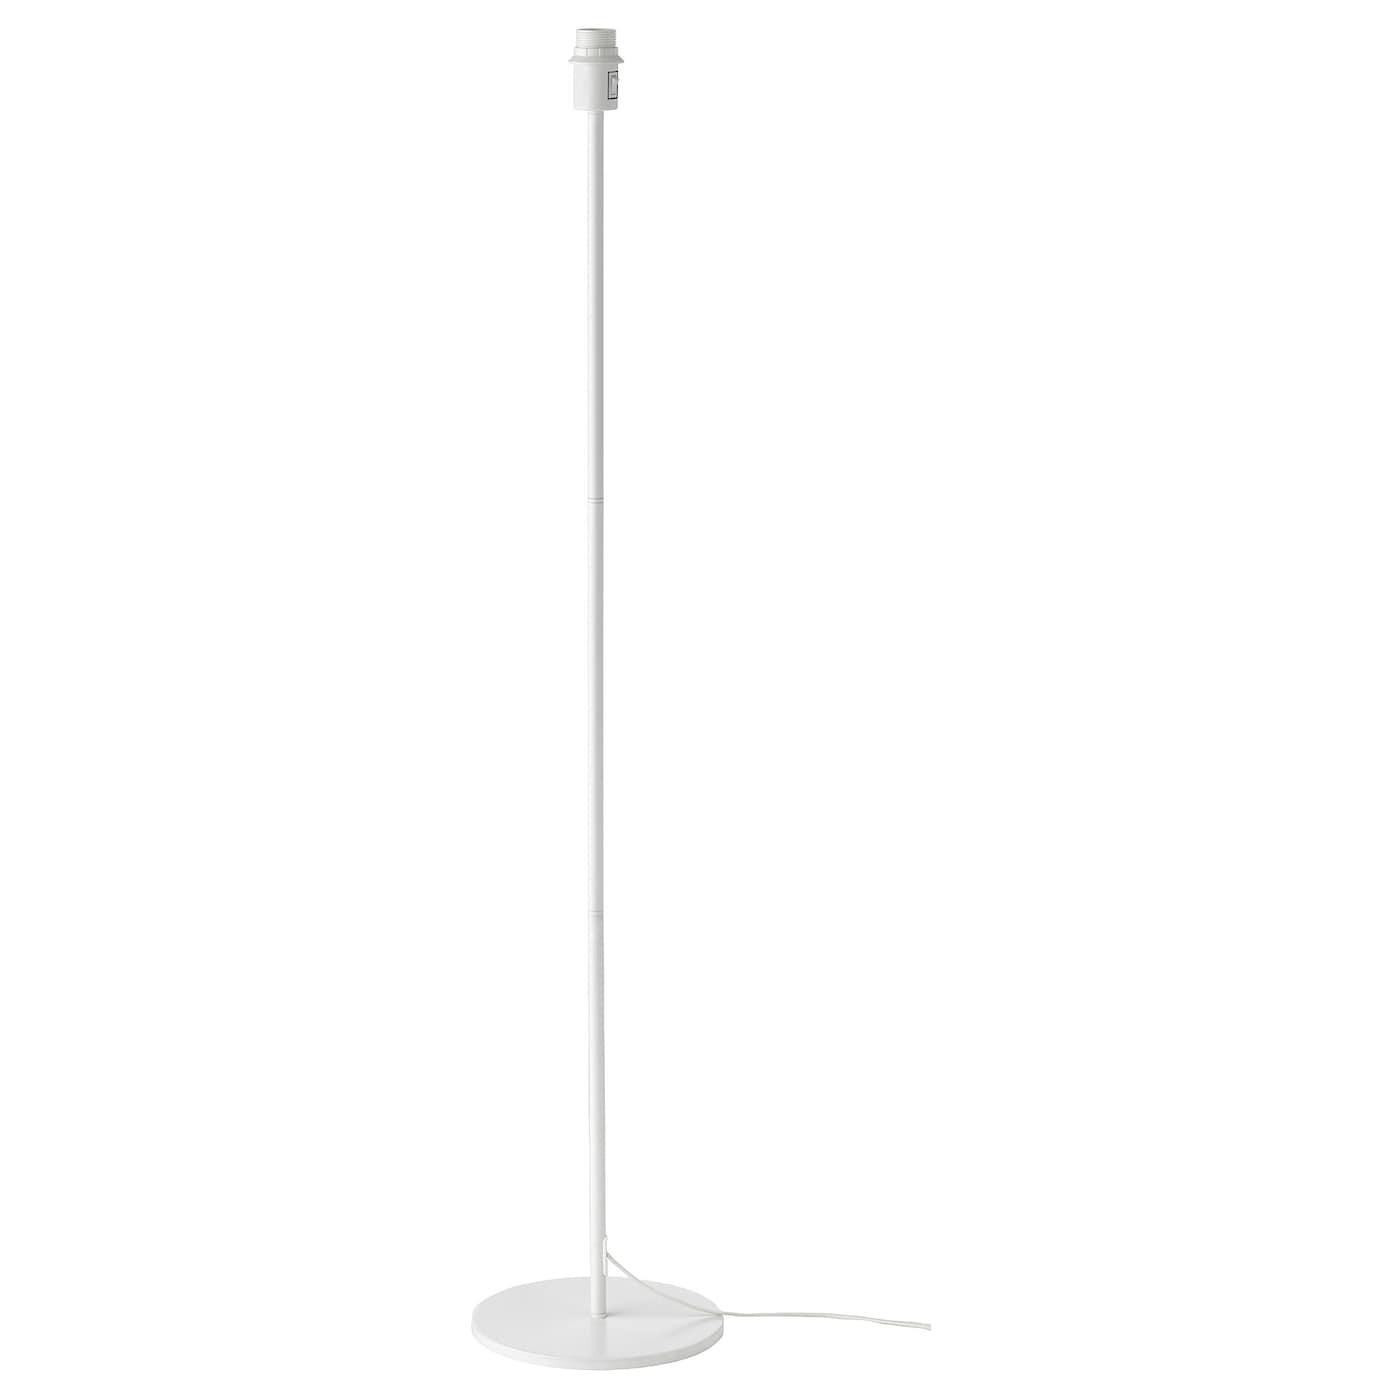 Pieds De Lampe Pied De Lampadaire Ikea